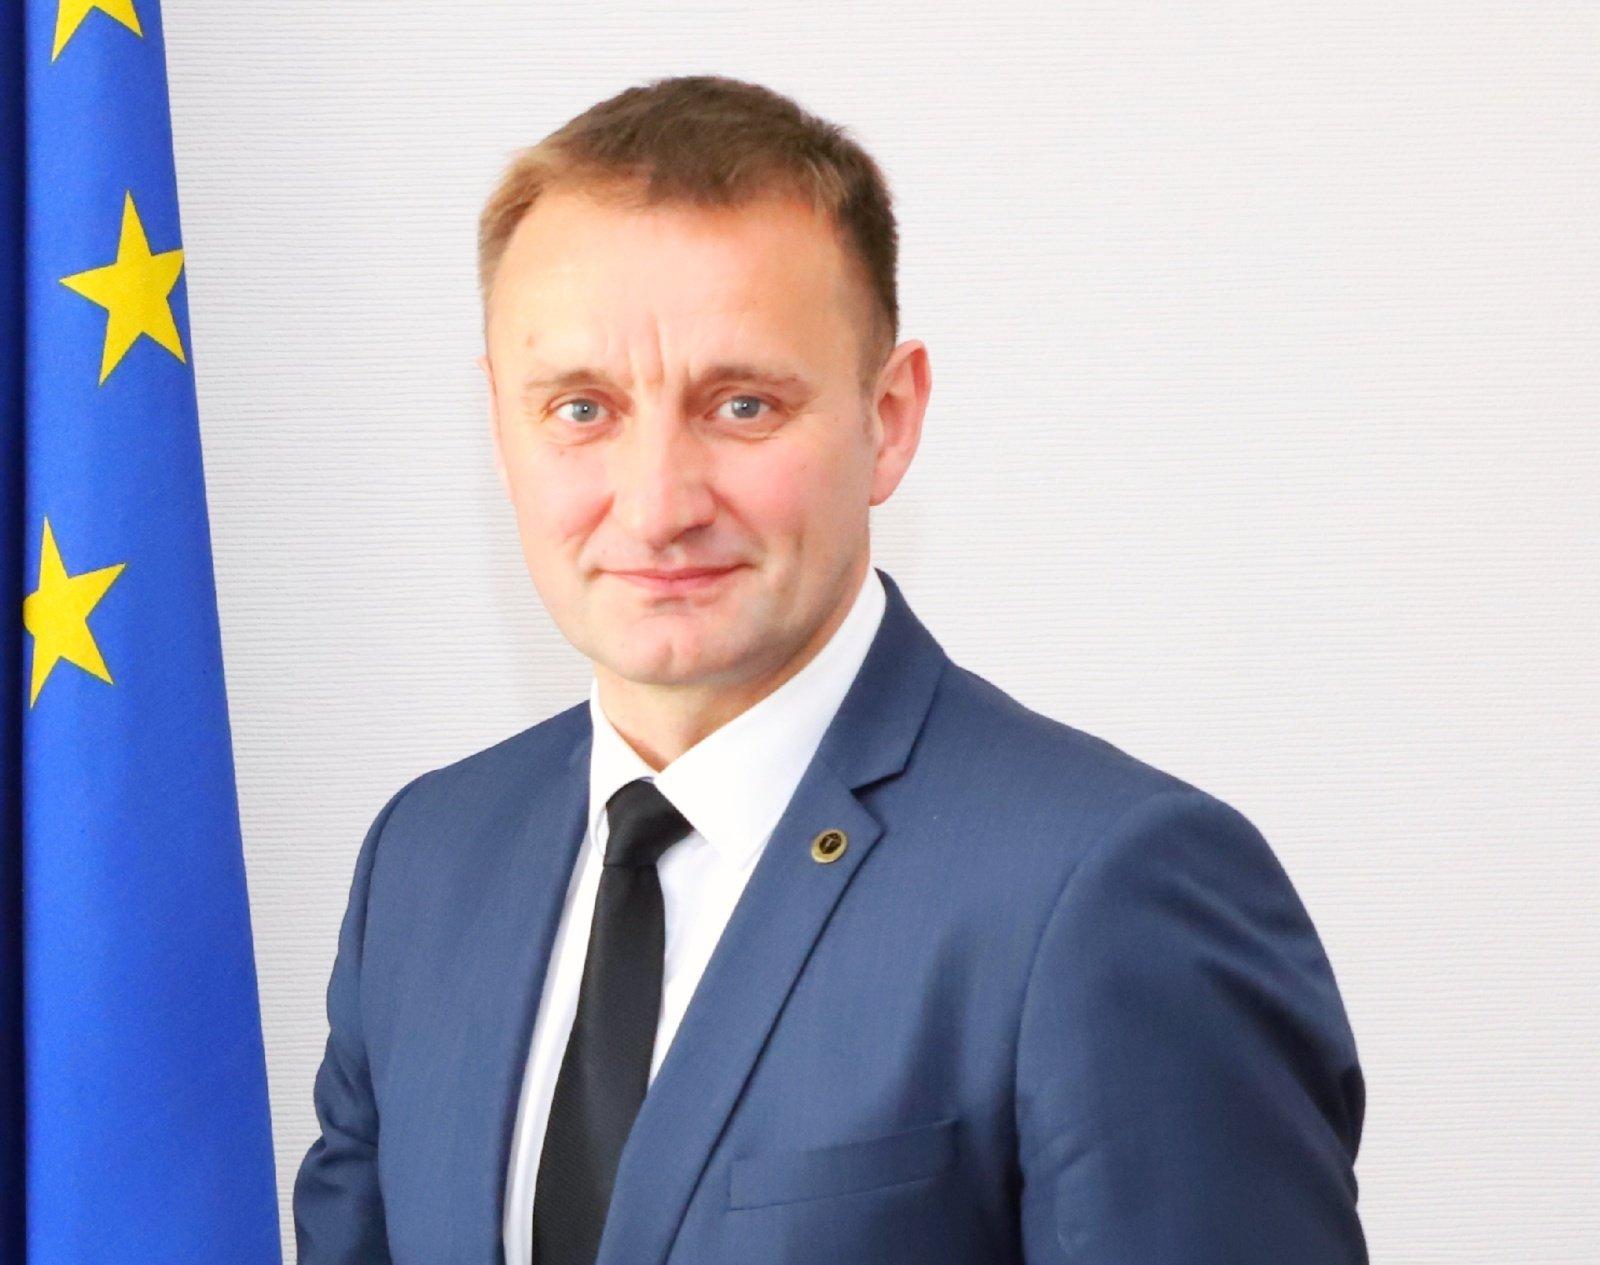 Šiaulių miesto meras sveikina mokytojus